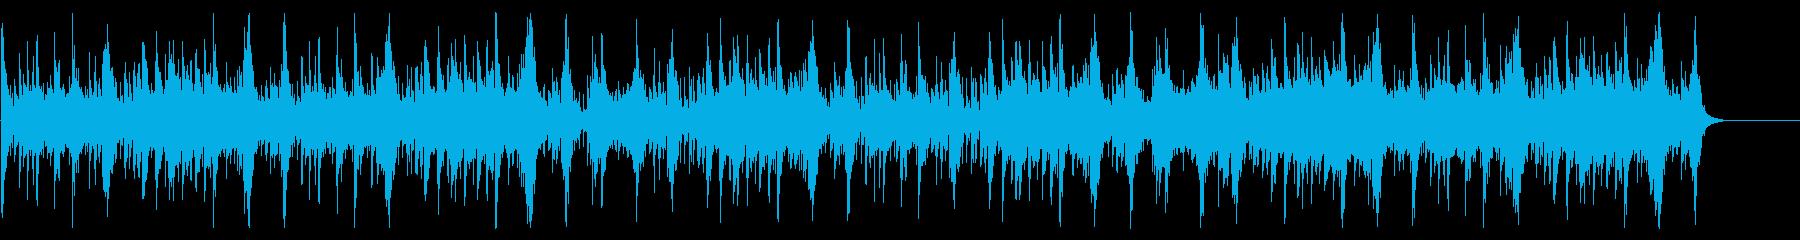 ブルガリアンヴォイス&壮大なオーケストラの再生済みの波形